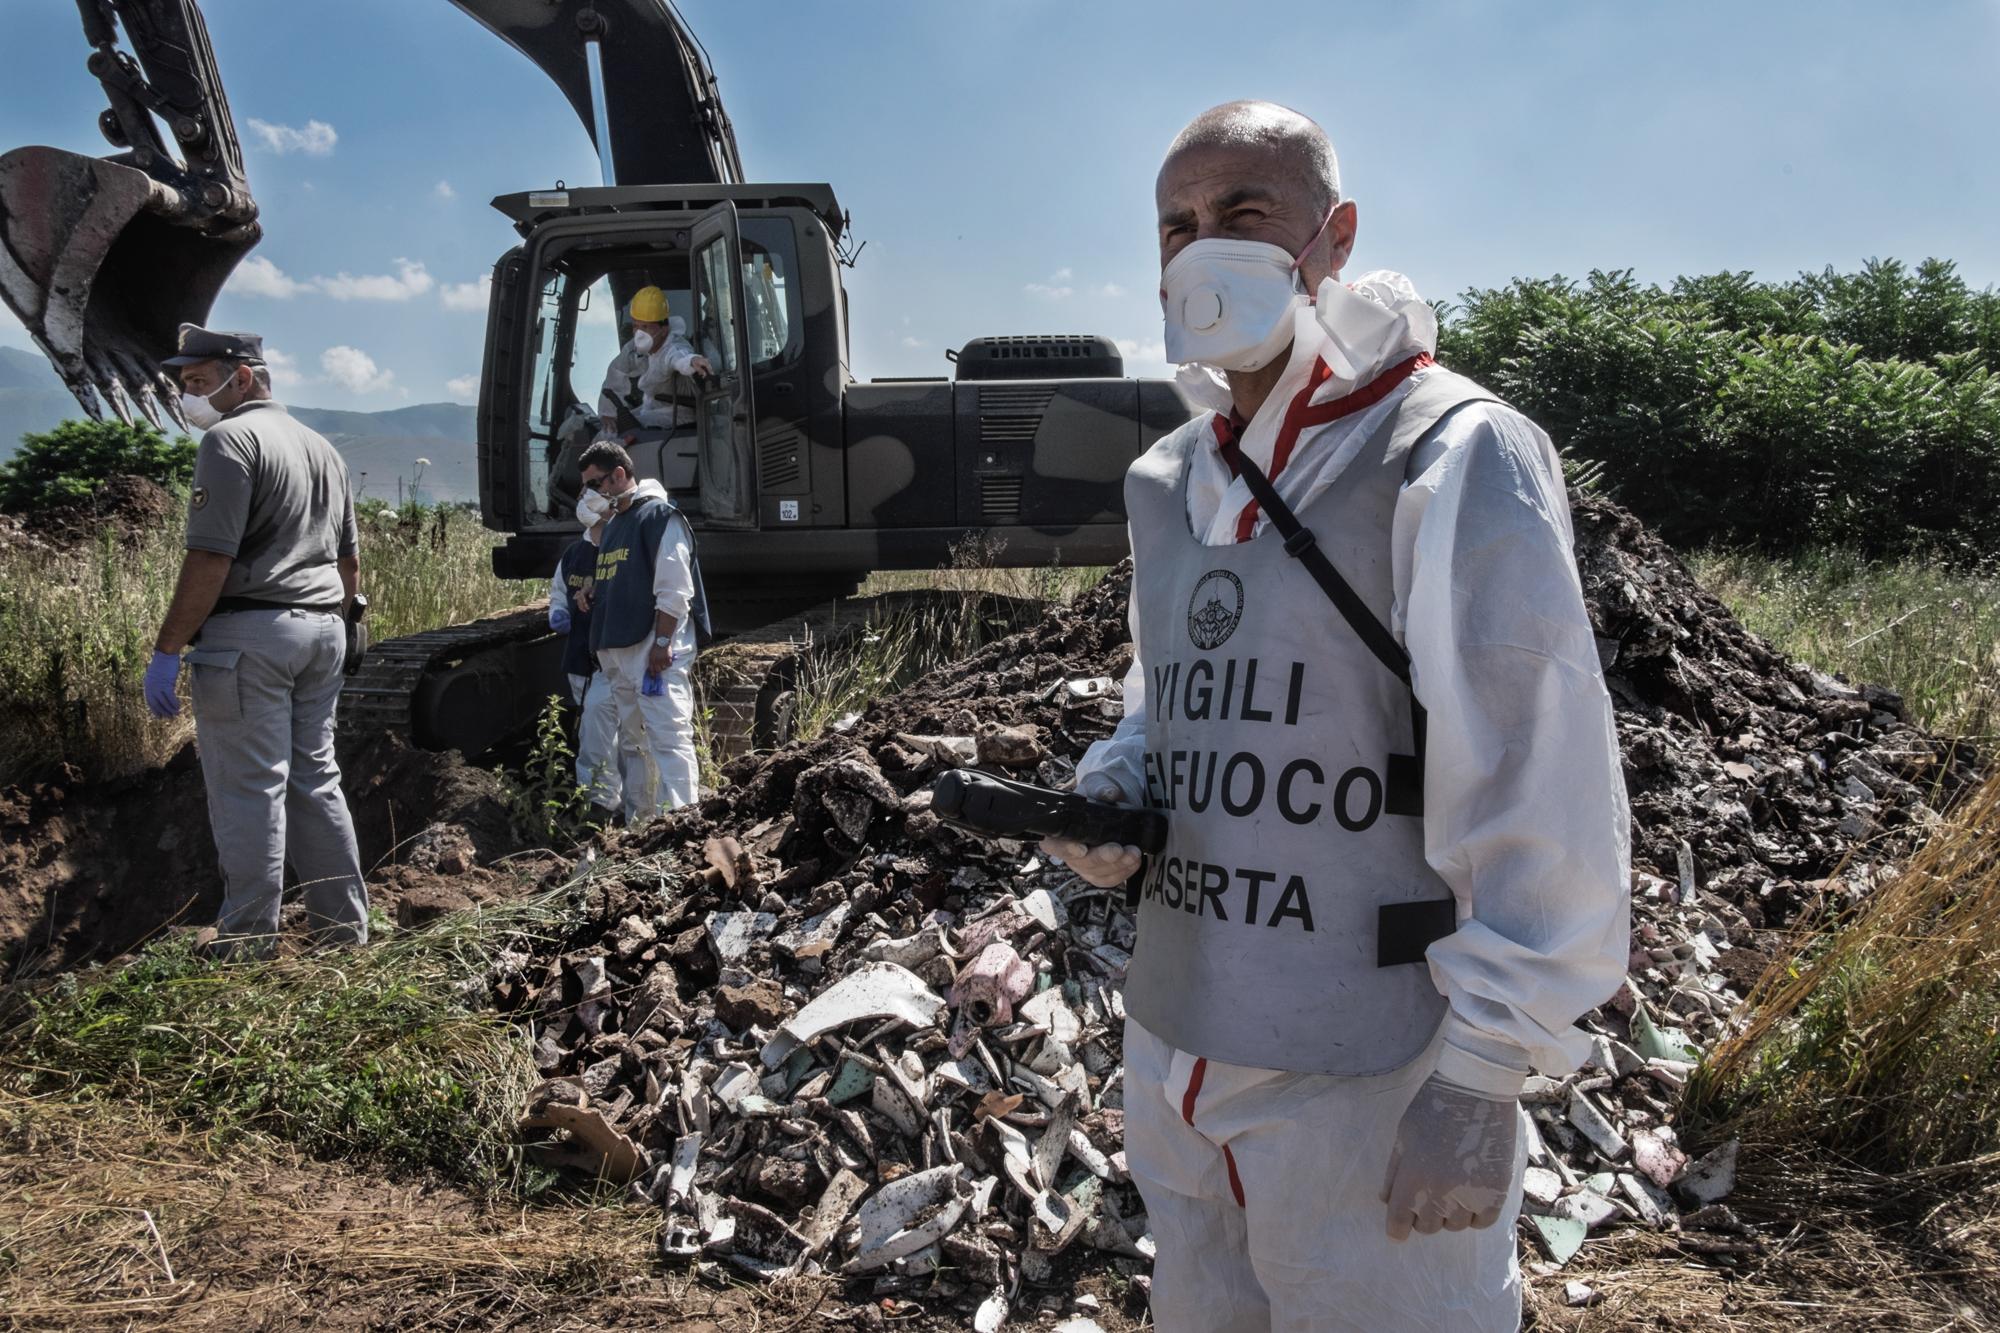 Calvi Risorta, Caserta, 2015. In seguito alle segnalazioni delle associazioni attiviste locali le autorità iniziano solo ora gli scavi per accertare la presenza di rifiuti tossici industriali di dubbia provenienza.